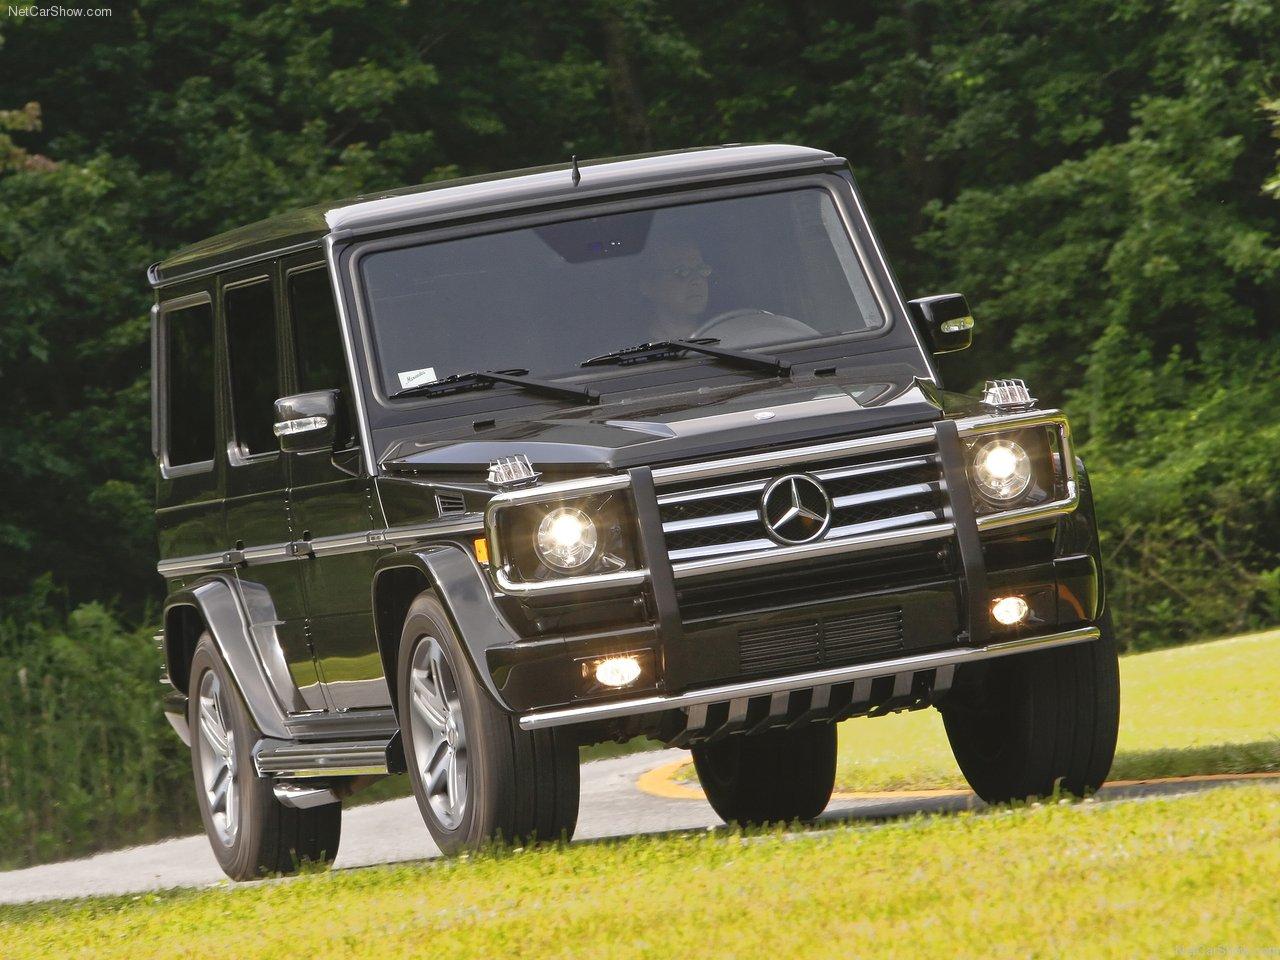 http://1.bp.blogspot.com/-BkbOHFRVu2c/TWssdsuxhdI/AAAAAAACLZ8/hYEEBkT9yBM/s1600/Mercedes-Benz-G55_AMG_2009_1280x960_wallpaper_06.jpg